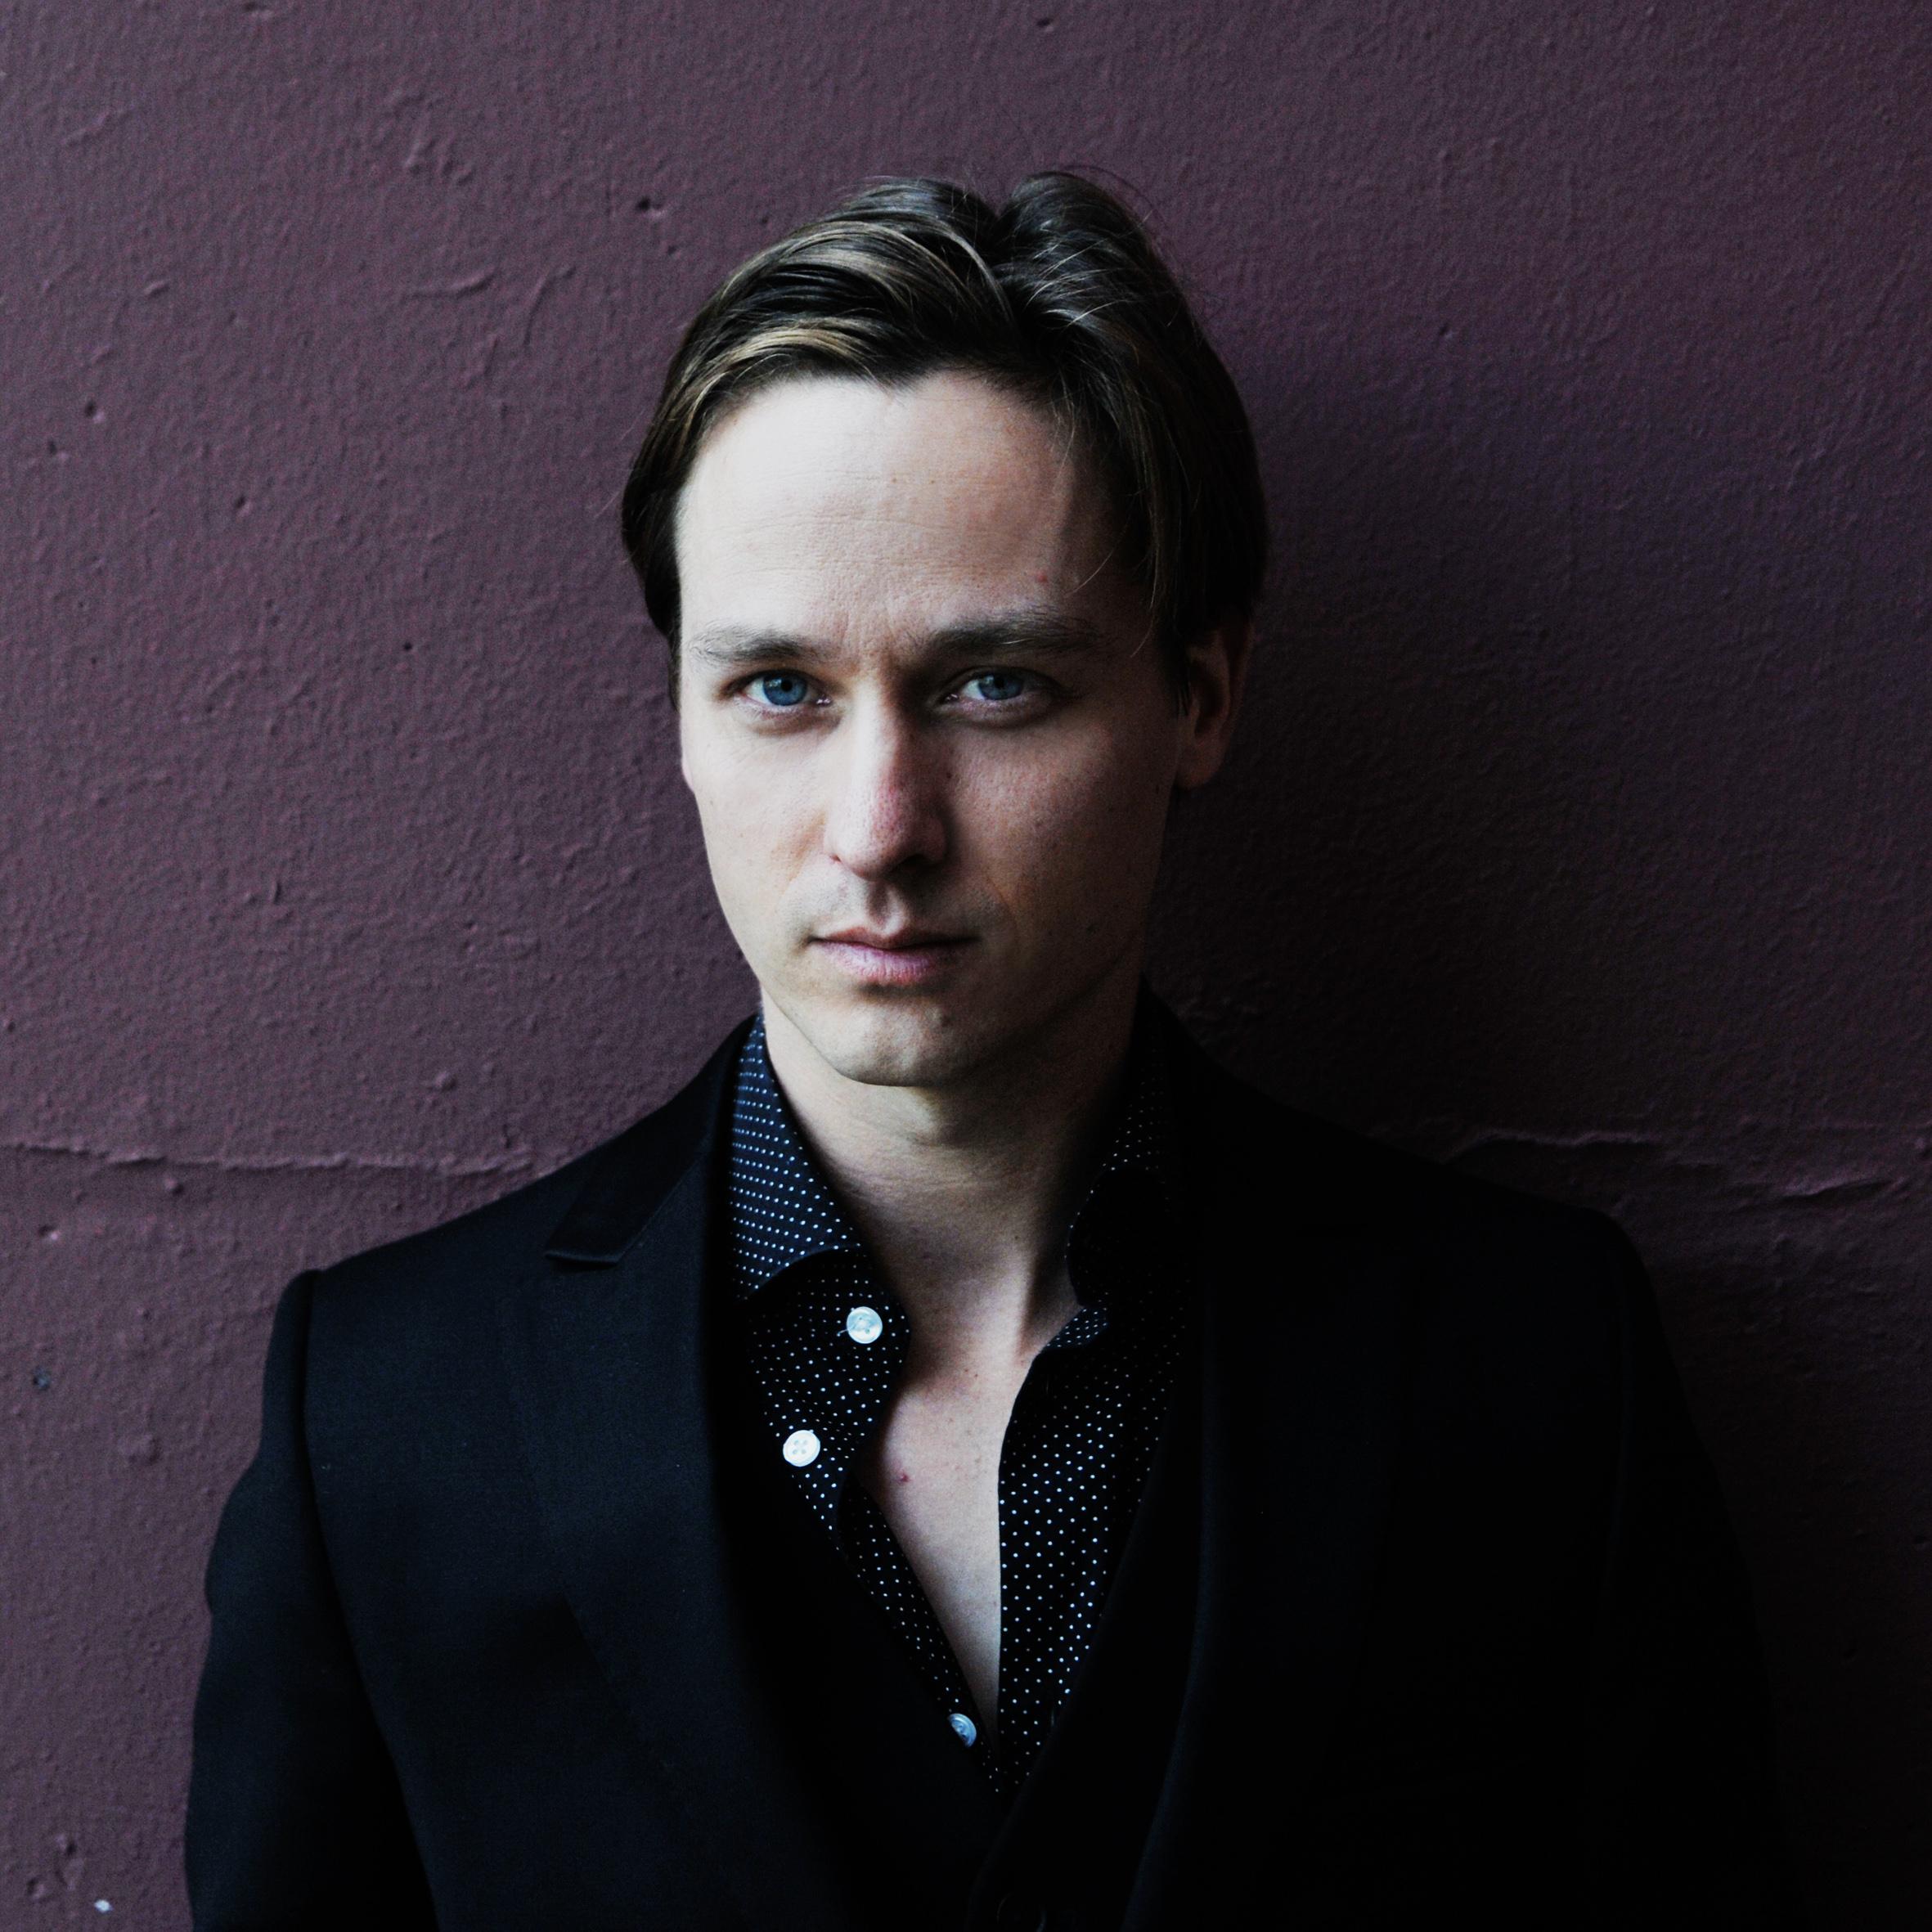 Tom Schauspieler